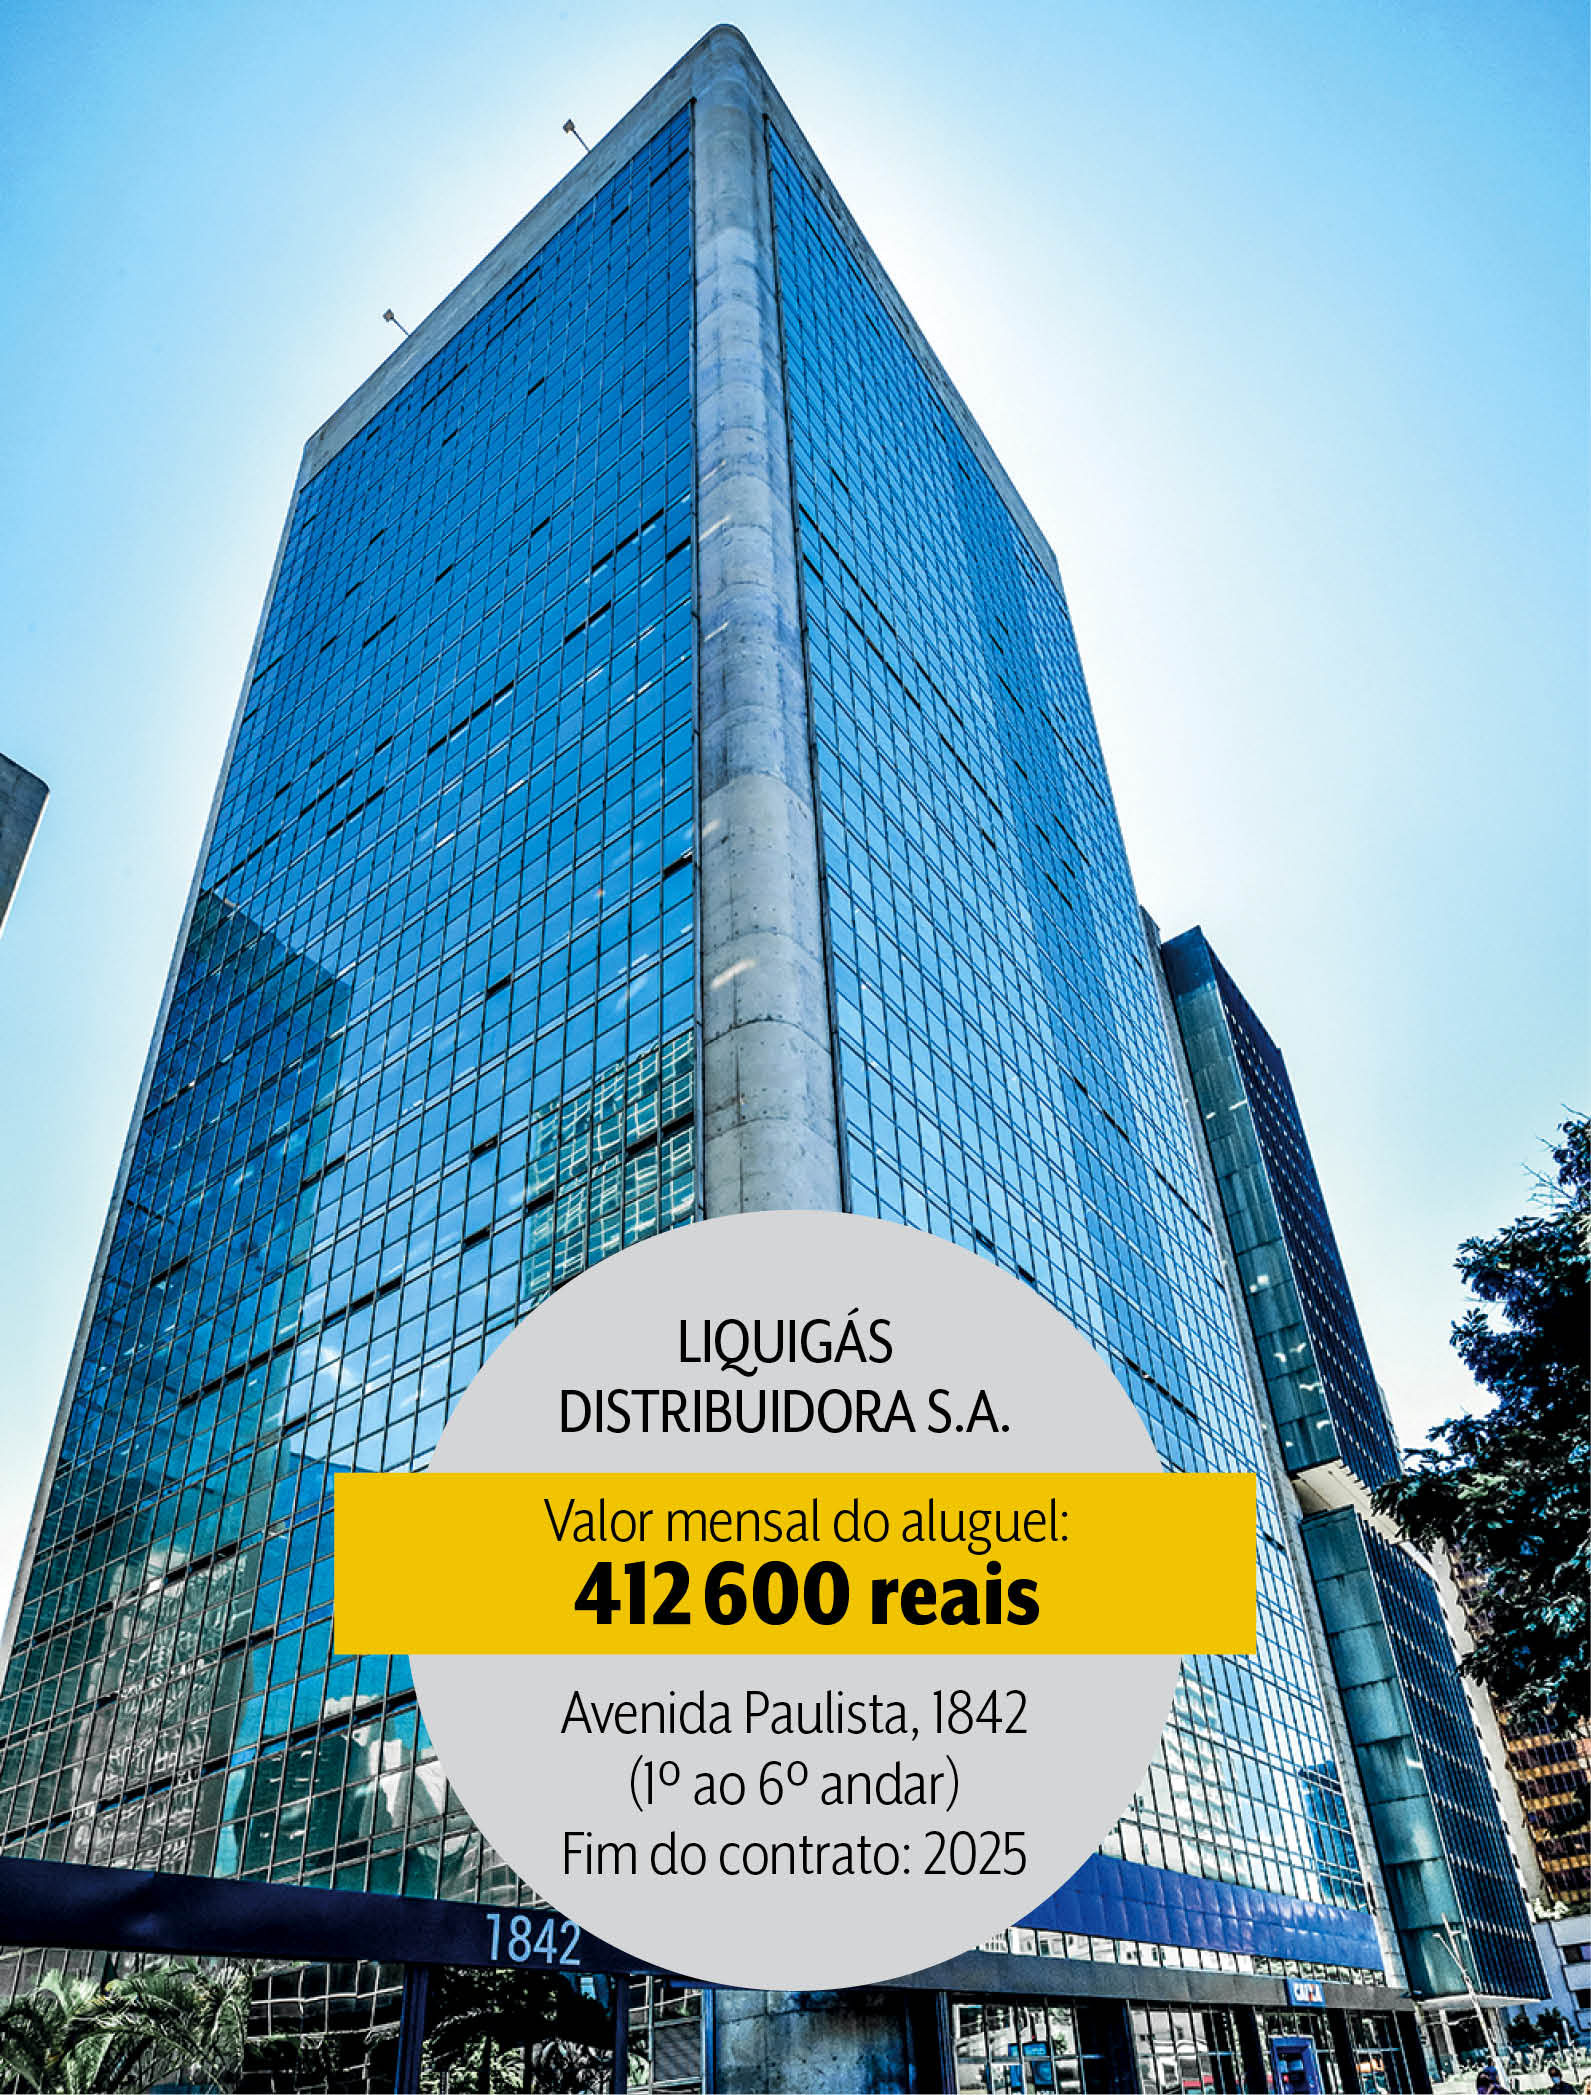 Seis andares por 400 mil reais por mês: aluguel pago pela Liquigás na capital